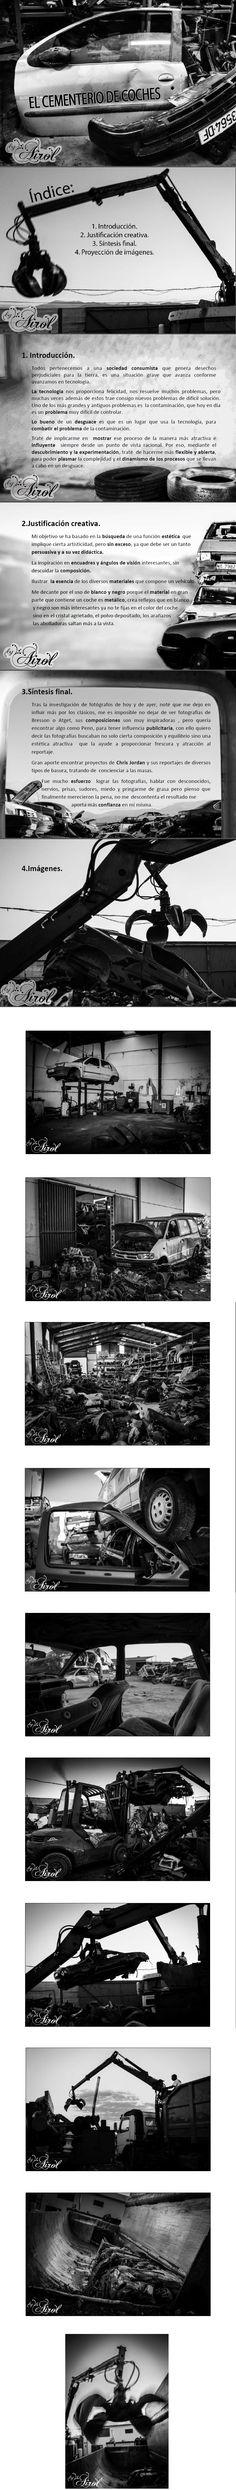 Proyecto documental en el desguace de coches. Desintoxicación de coche, retirado de neumaticos, retirado de asientos, amontonamiento de las carrocerías y prensado final.